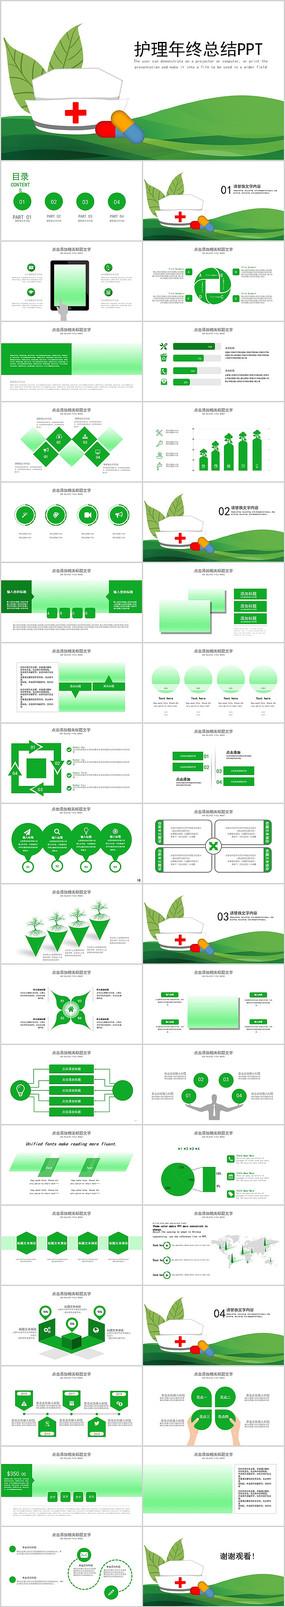 绿色时尚护士护理年终工作总结动态PPT